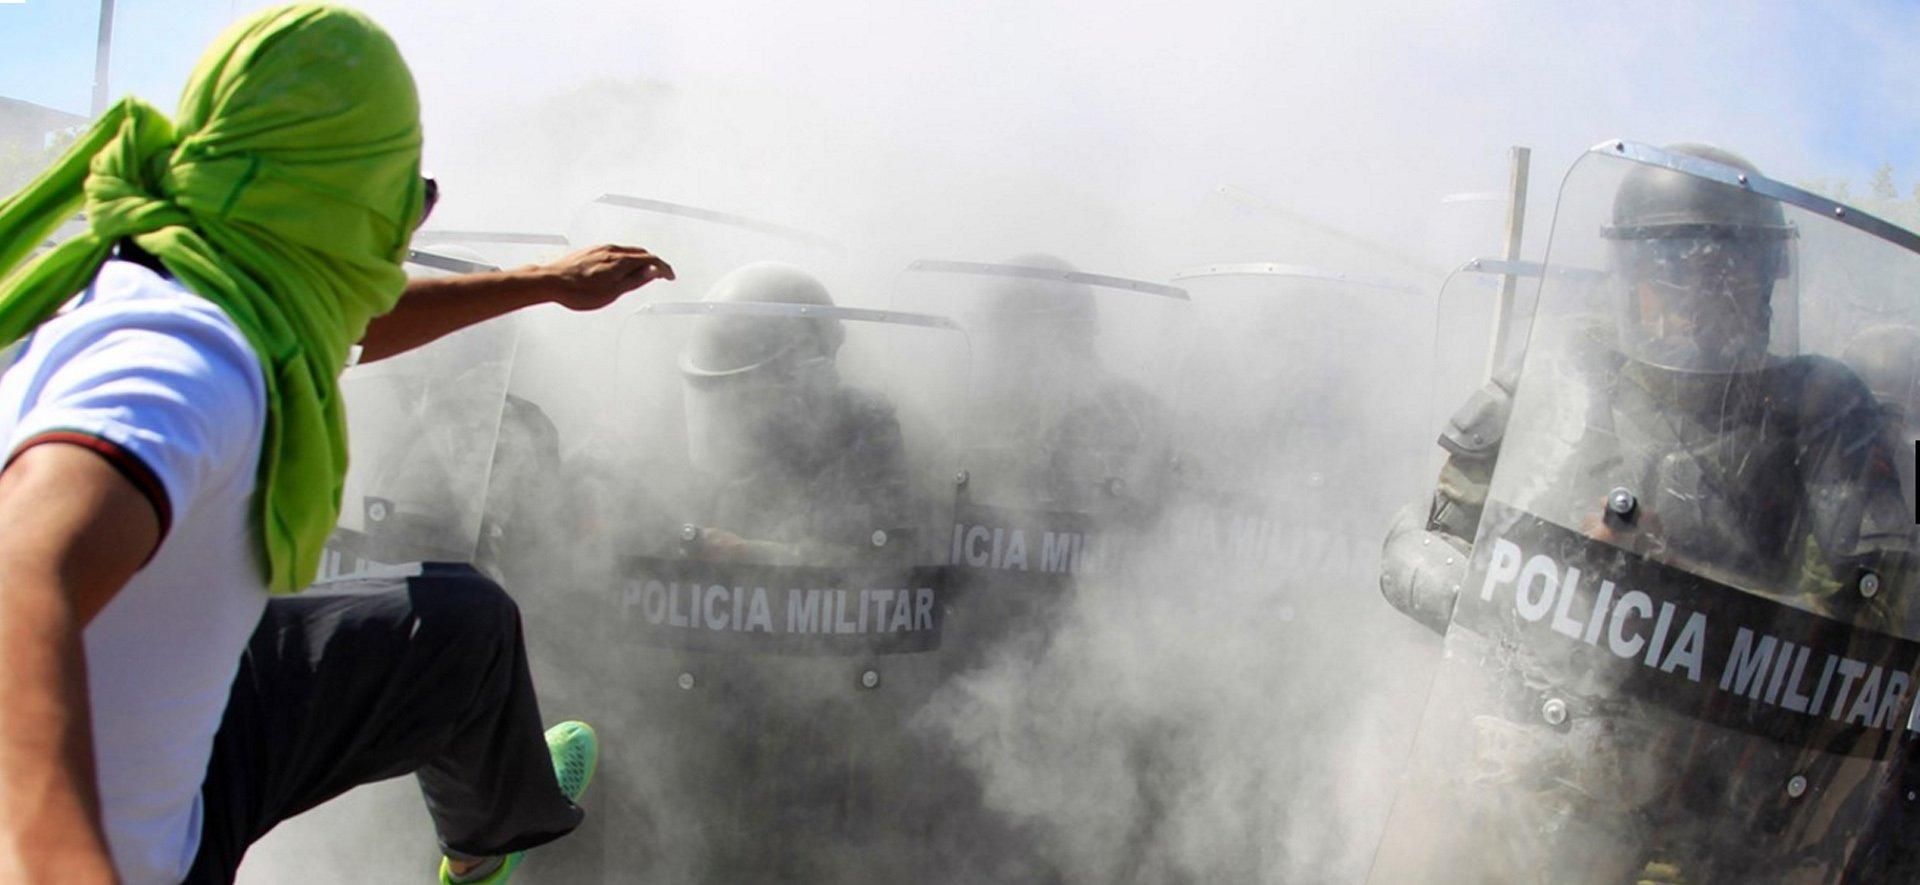 ENERO - Autoridades mexicanas intervienen ante los manifestantes durante una marcha por la desaparición de los 43 estudiantes de Ayotzinapa